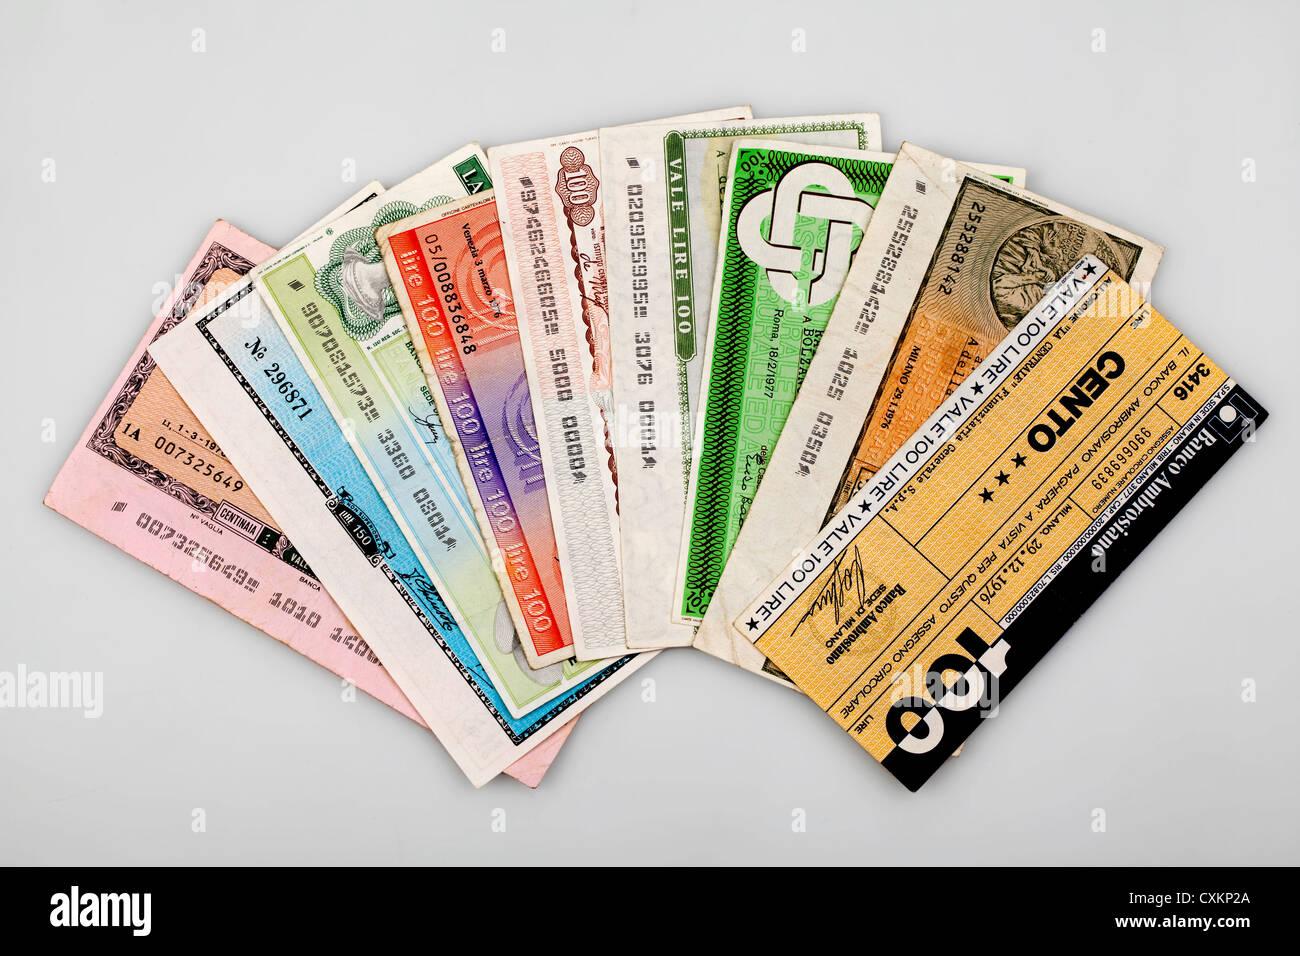 Miniassegni Italien, virement bancaire, mandat avec une valeur faible, il Banco Ambrosiano, Mailand Photo Stock